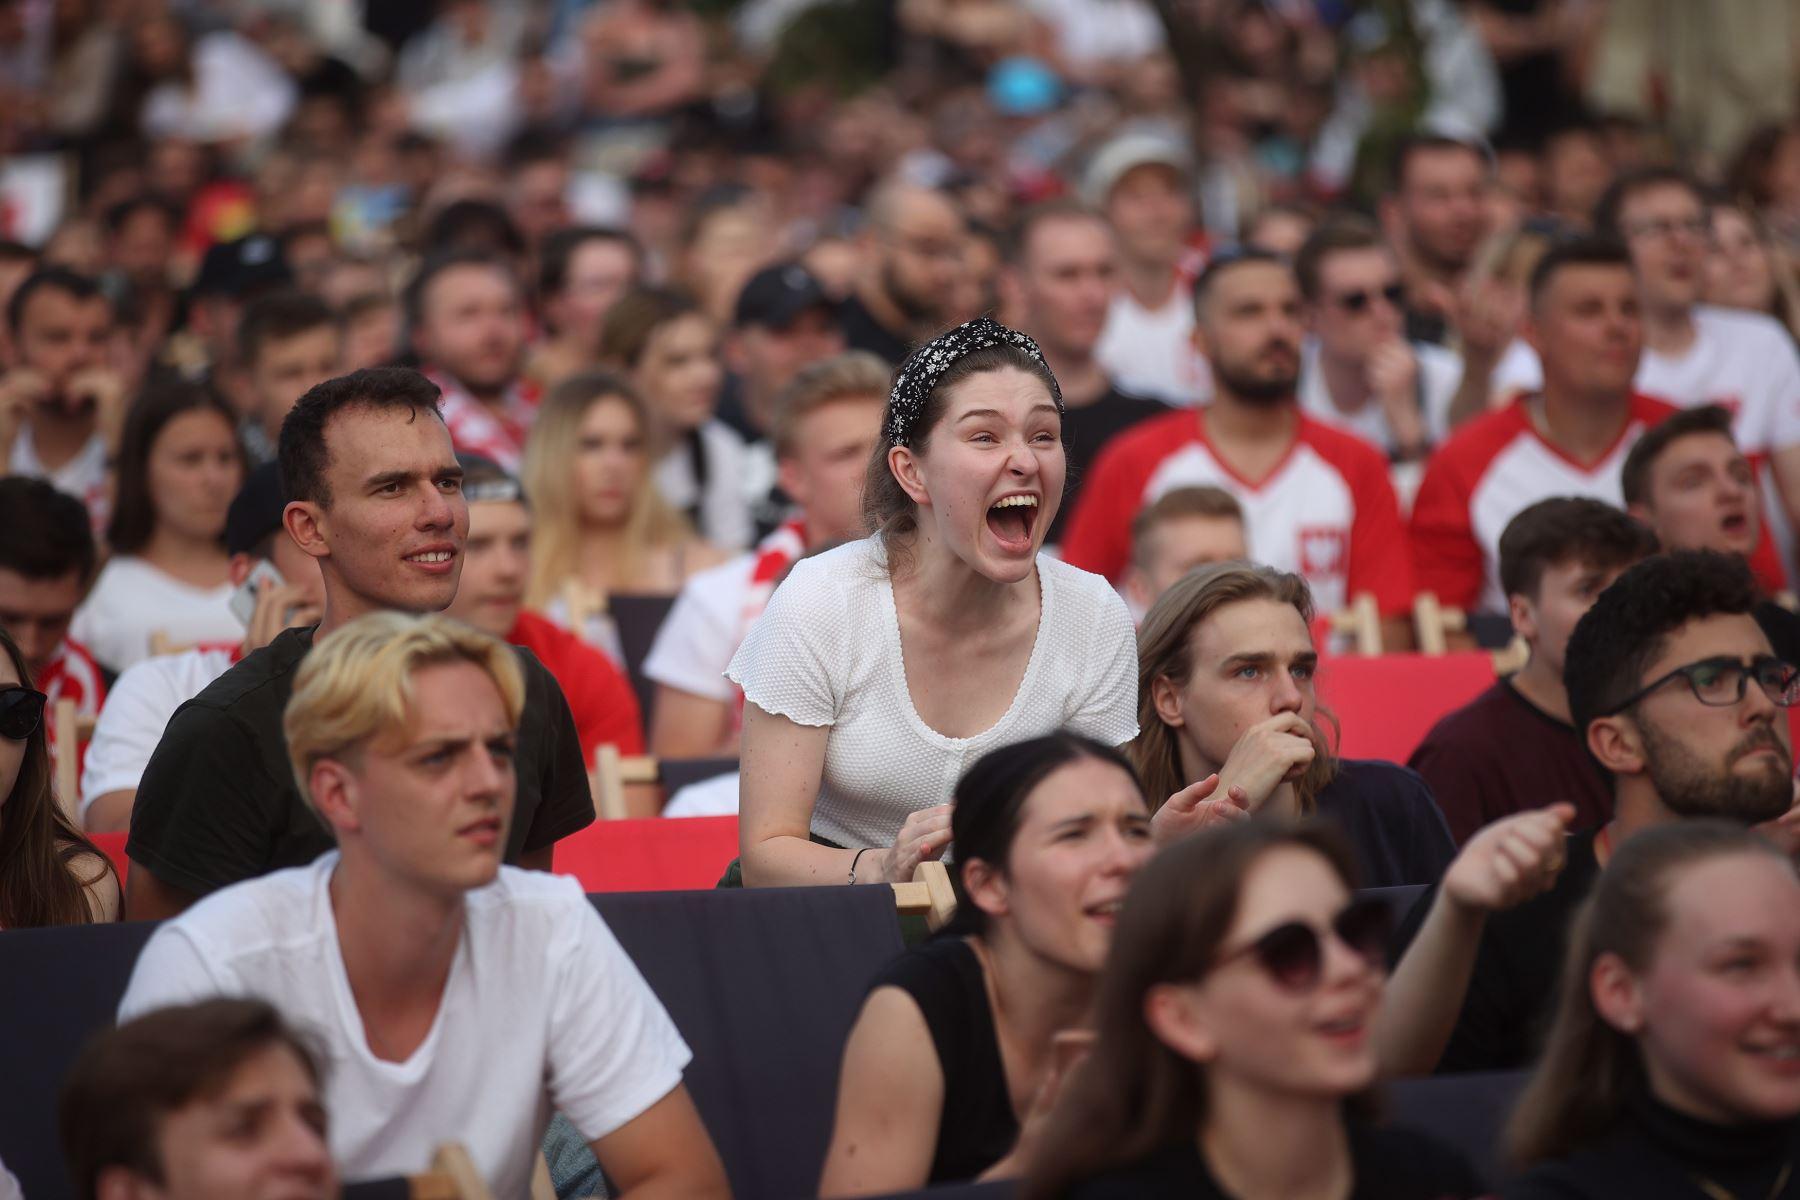 La afición polaca reacciona durante el partido de la ronda preliminar del grupo E de la UEFA EURO 2020, en la Fan Zone de Cracovia, sur de Polonia. Foto: EFE